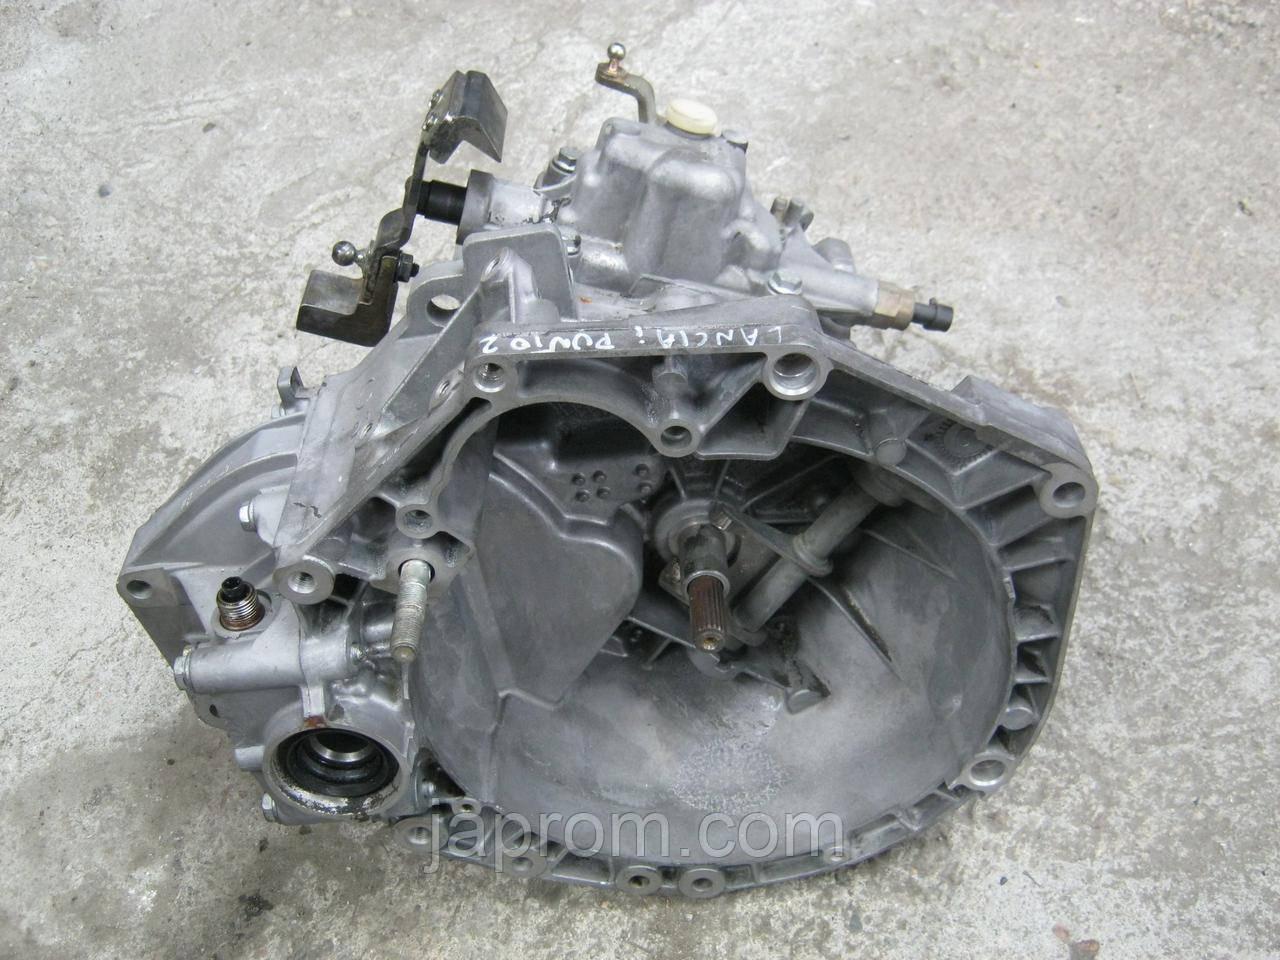 МКПП механічна коробка передач Fiat Punto II, Lancia Ypsilon, 2003р.в. 1.2 8V.